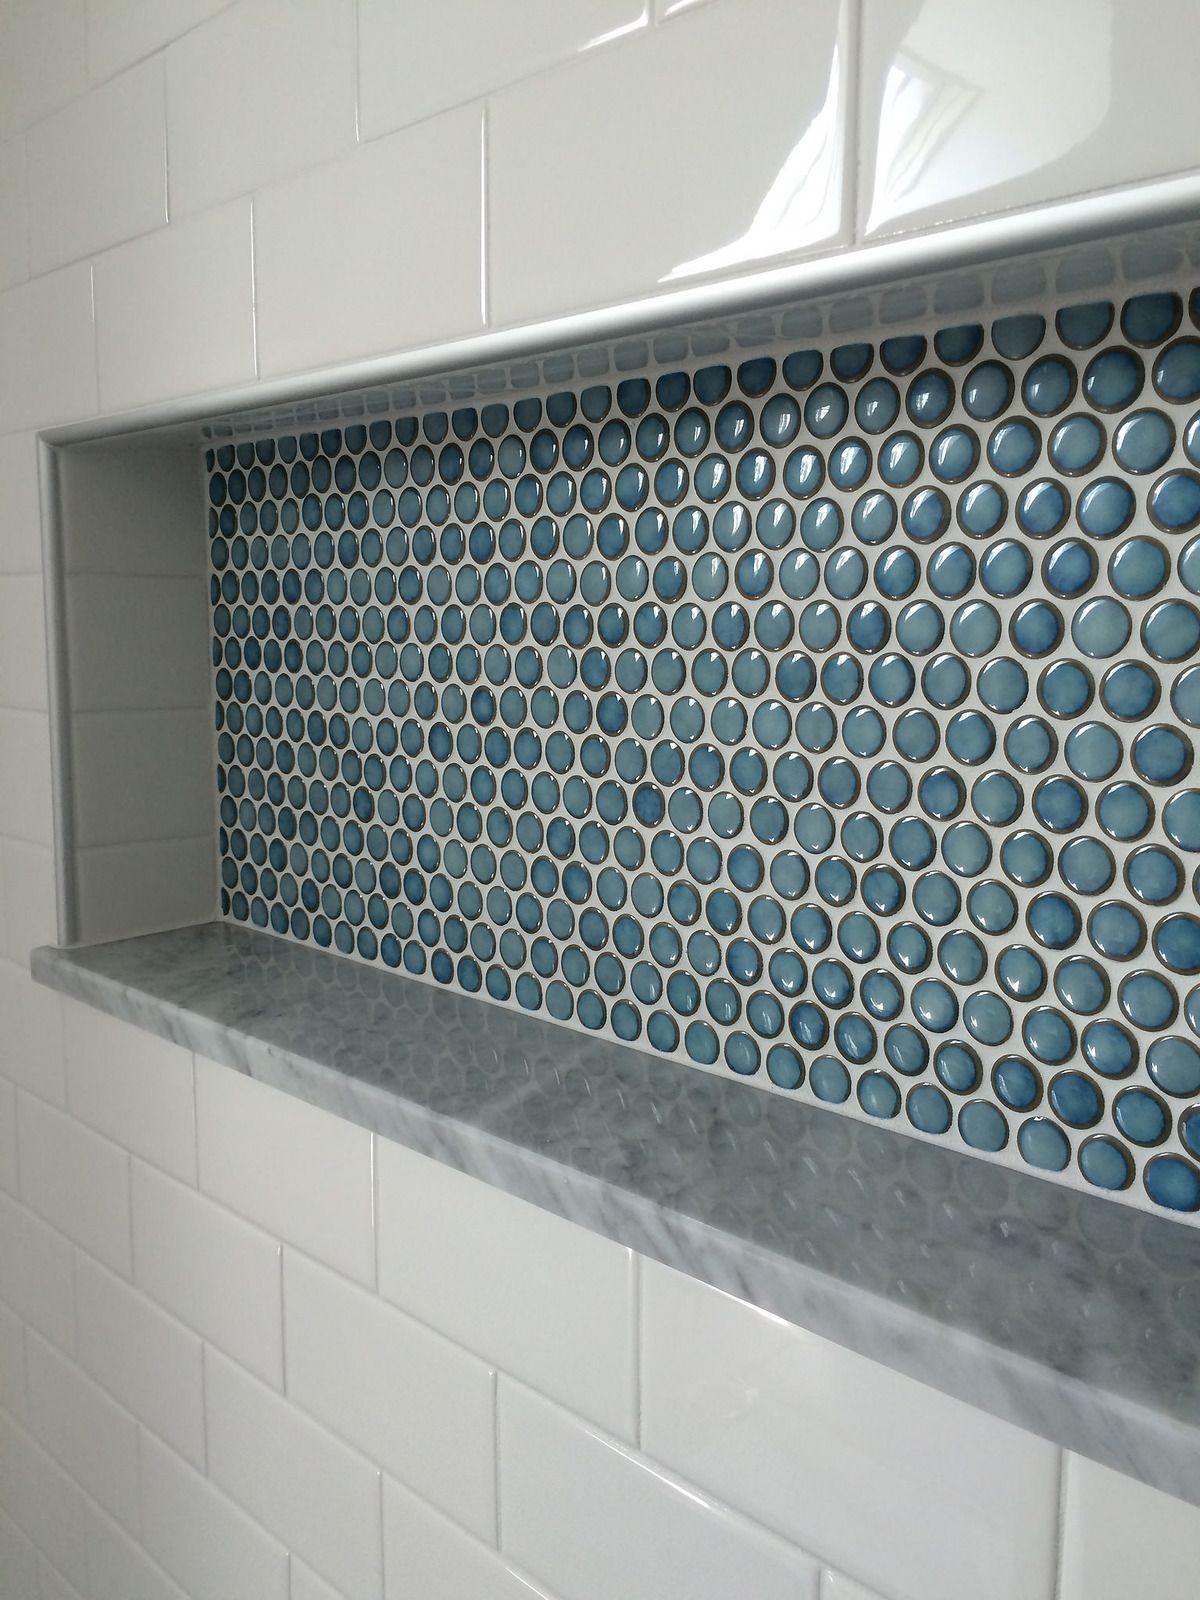 Penny tile shower nice | Pinterest | Bäder ideen, Badezimmer und Ausbau